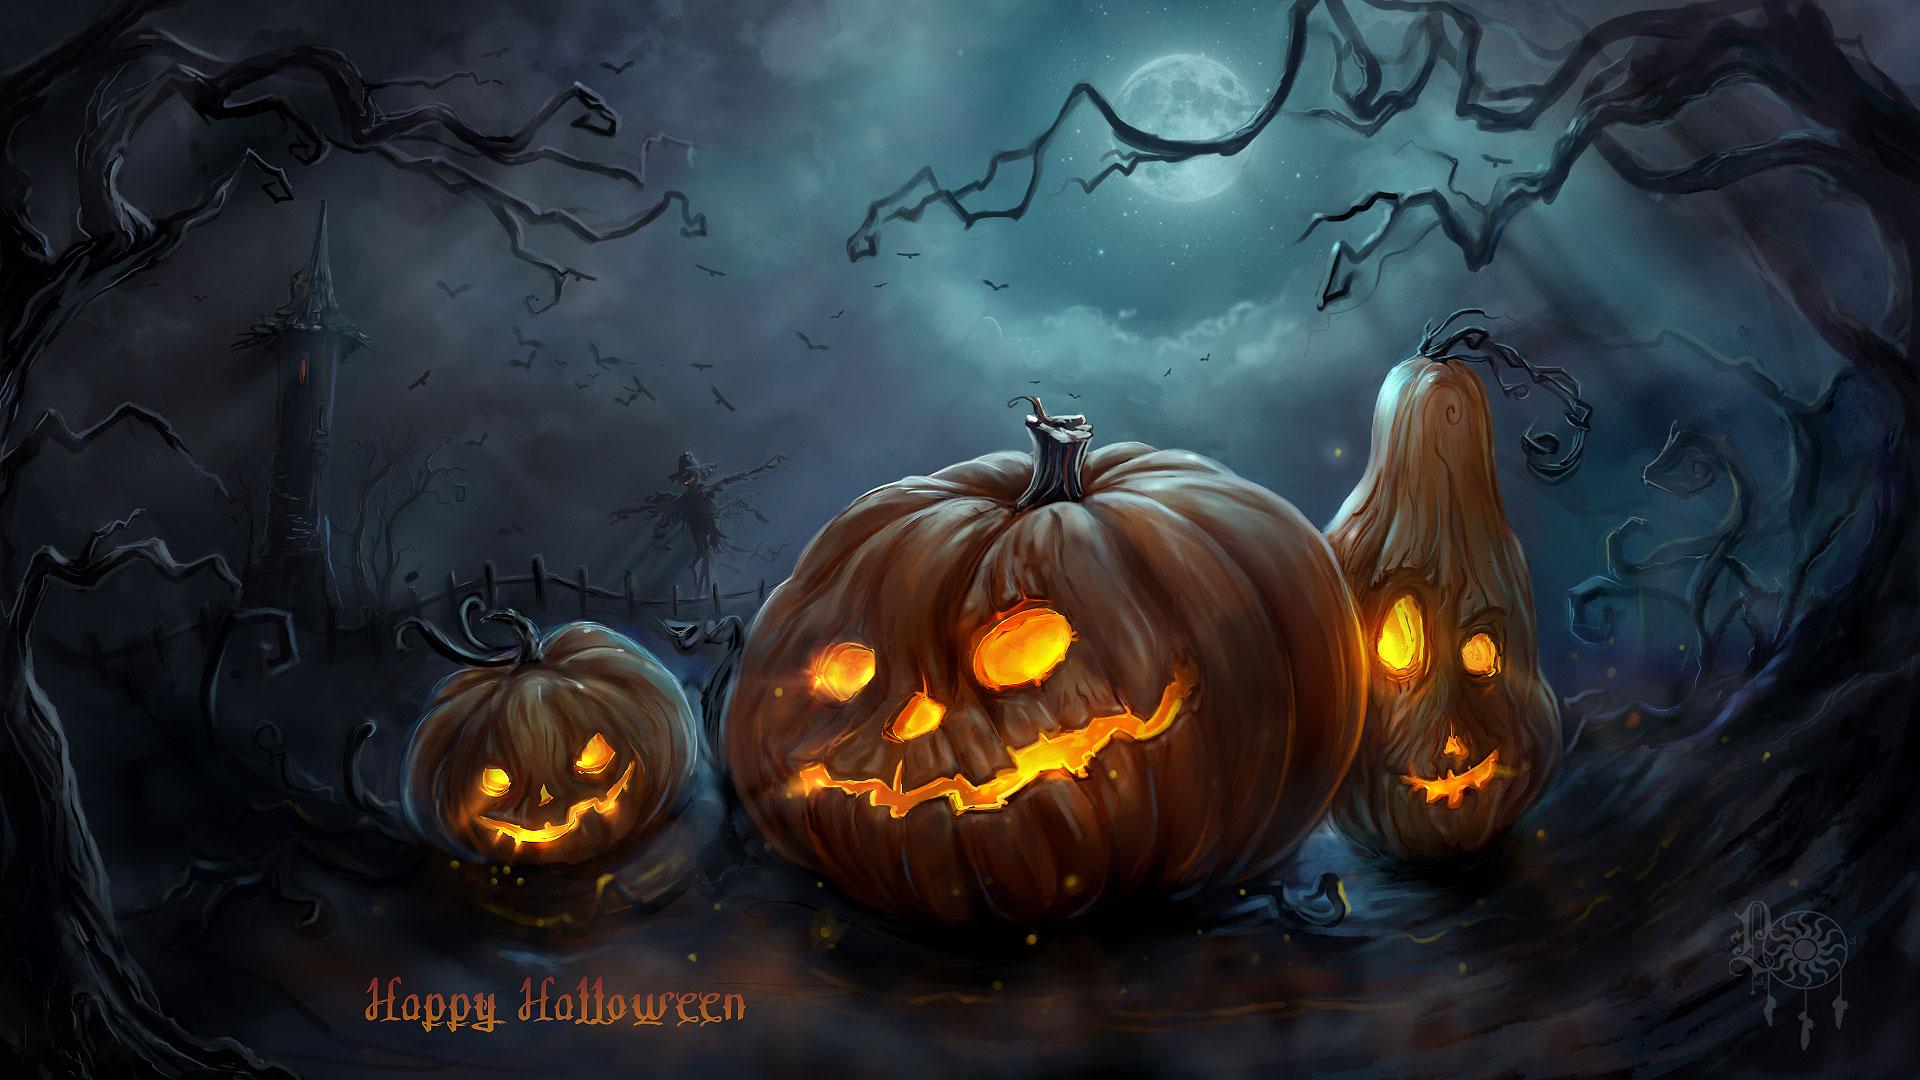 pumpkins Wallpaper HD1 Scary Halloween Backgrounds Wallpaper 1920x1080